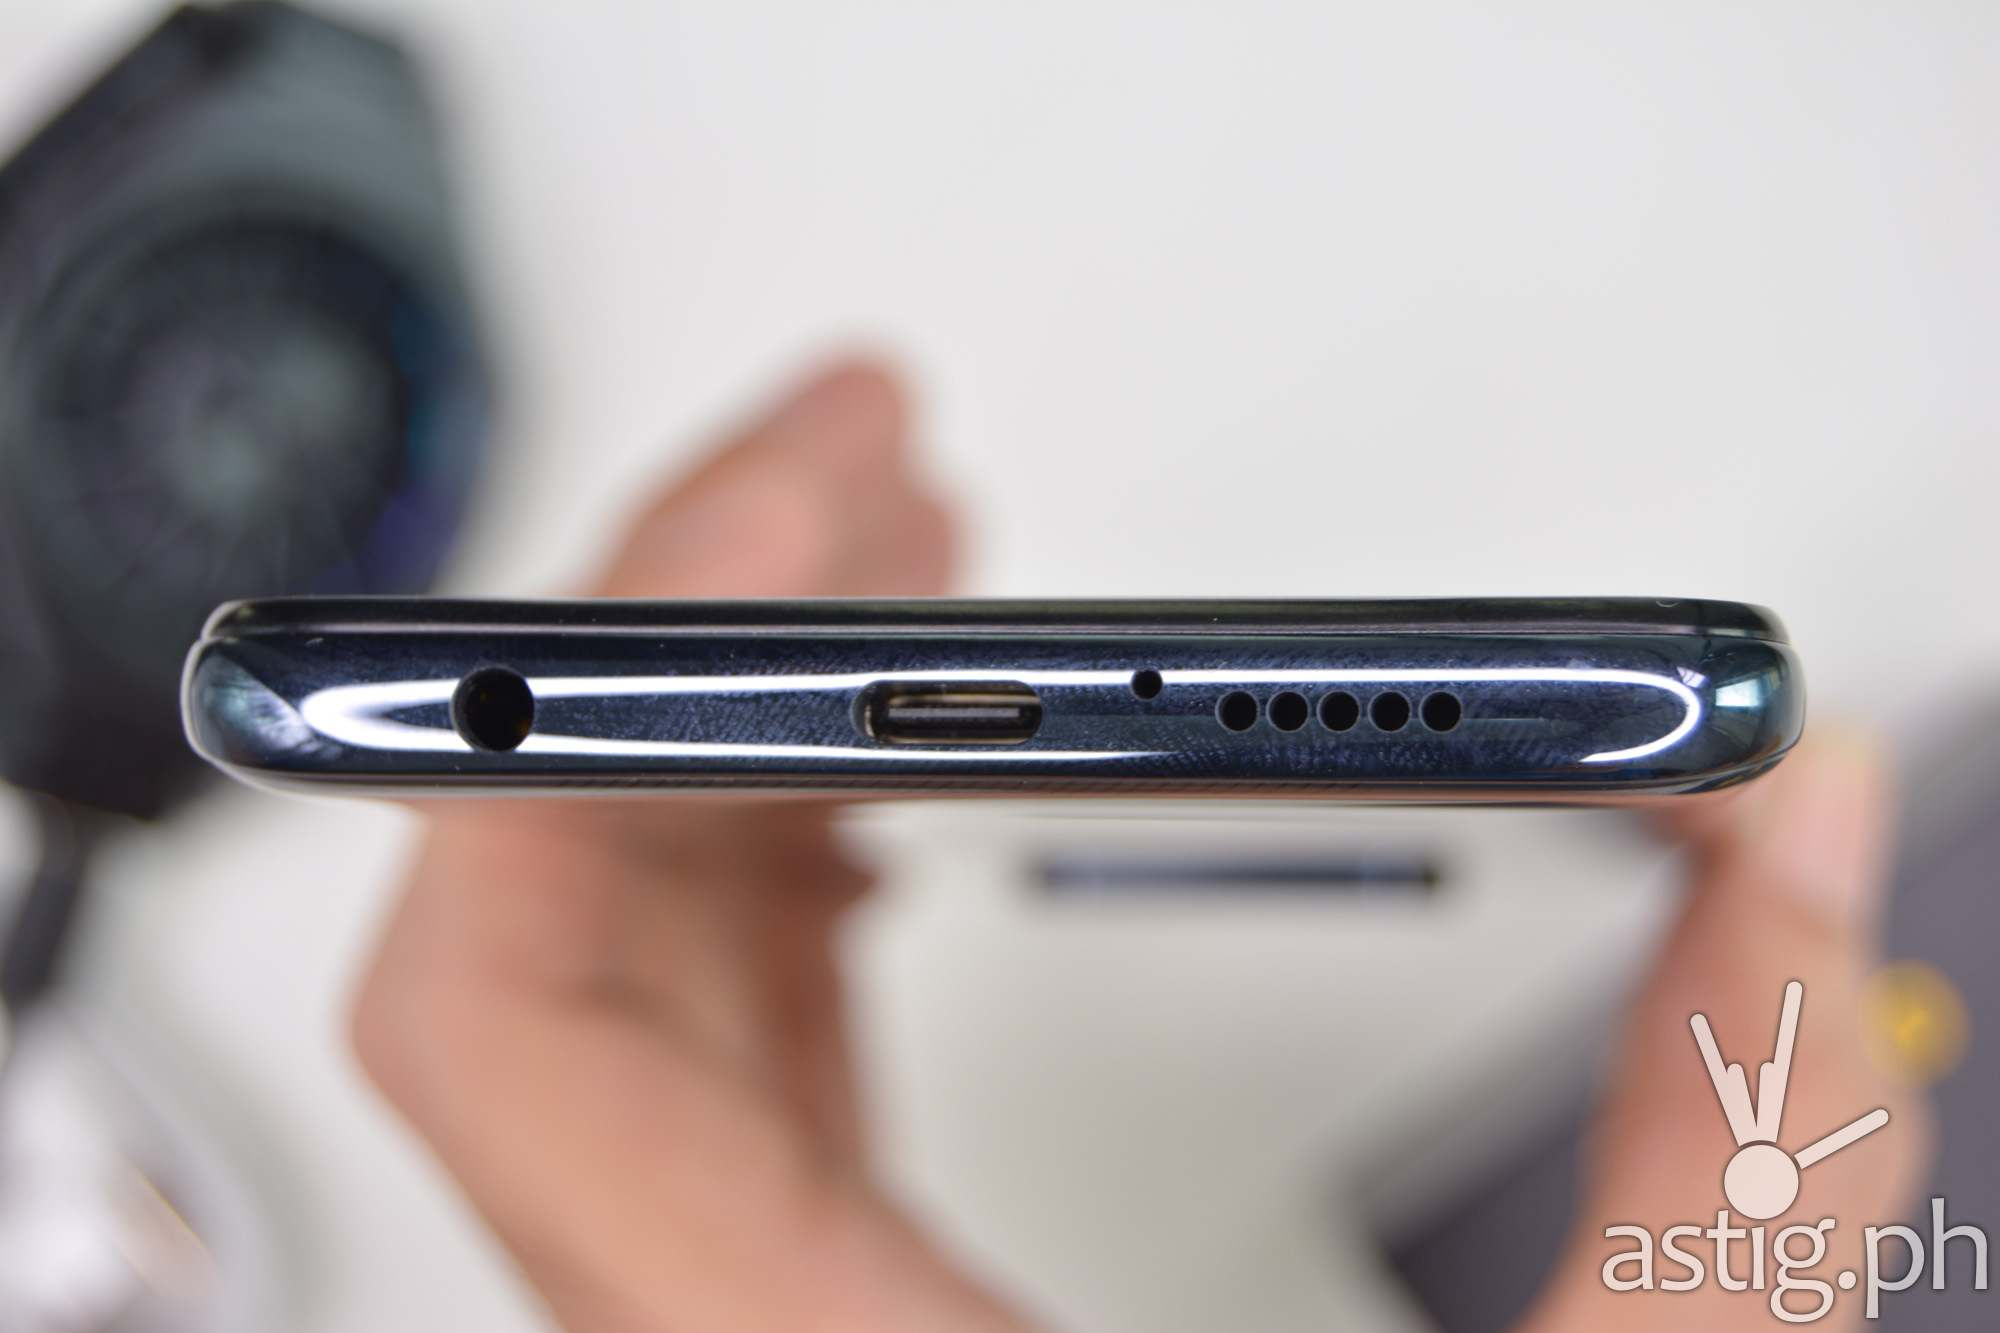 3.5mm audio jack, USB Type-C port, loud speakers - 202009 POCO X3 NFC (Philippines)